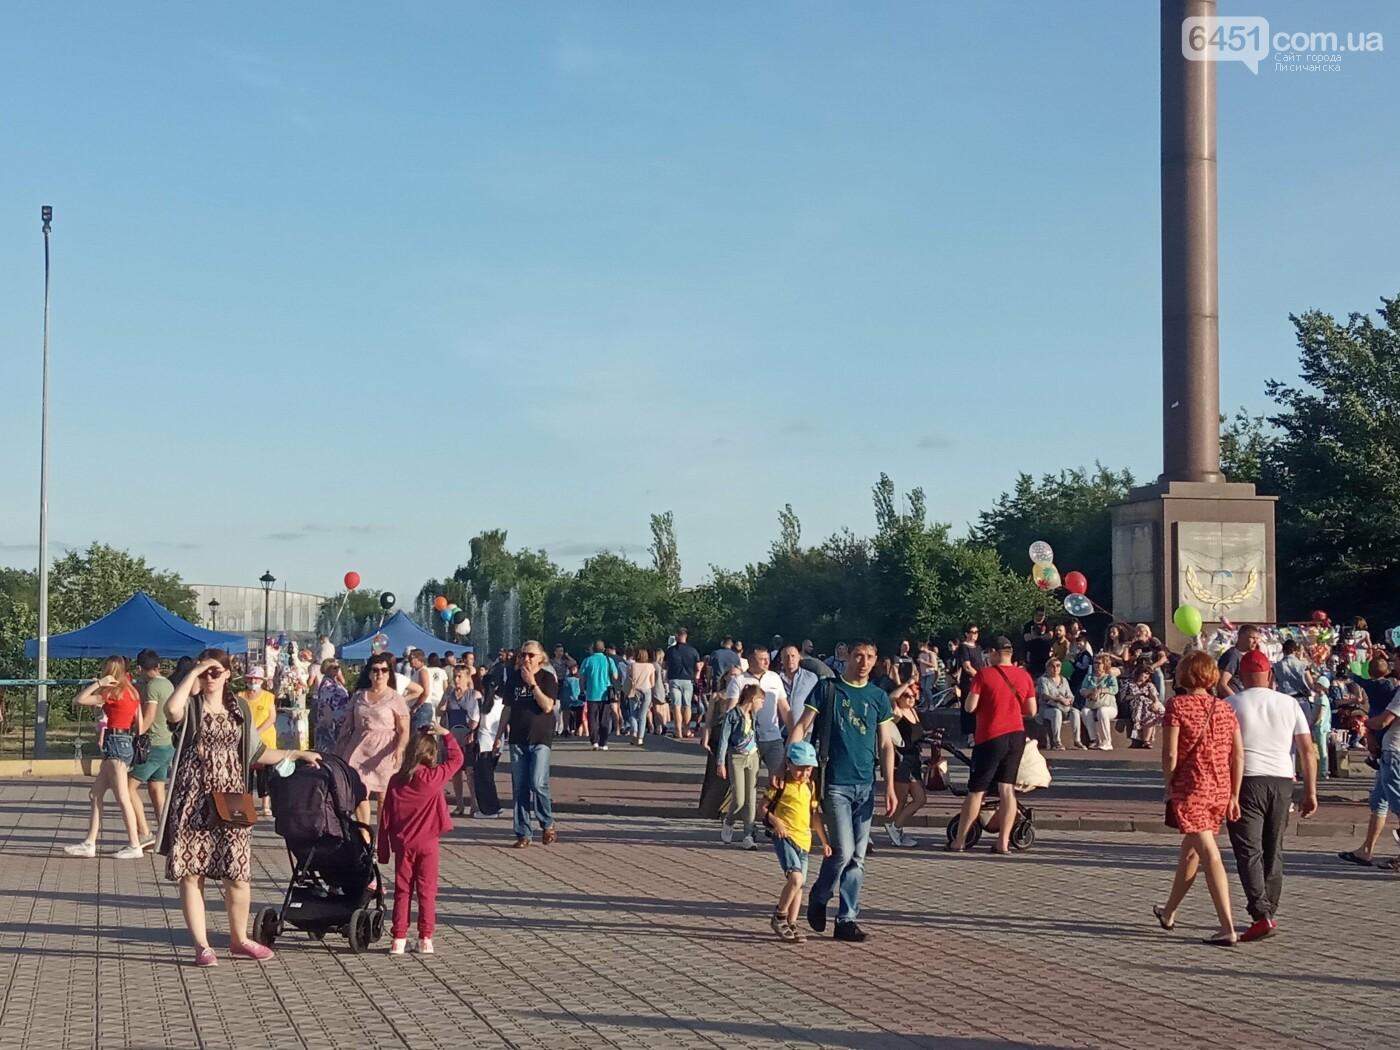 В Северодонецке отпраздновали День города и День химика (фото), фото-8